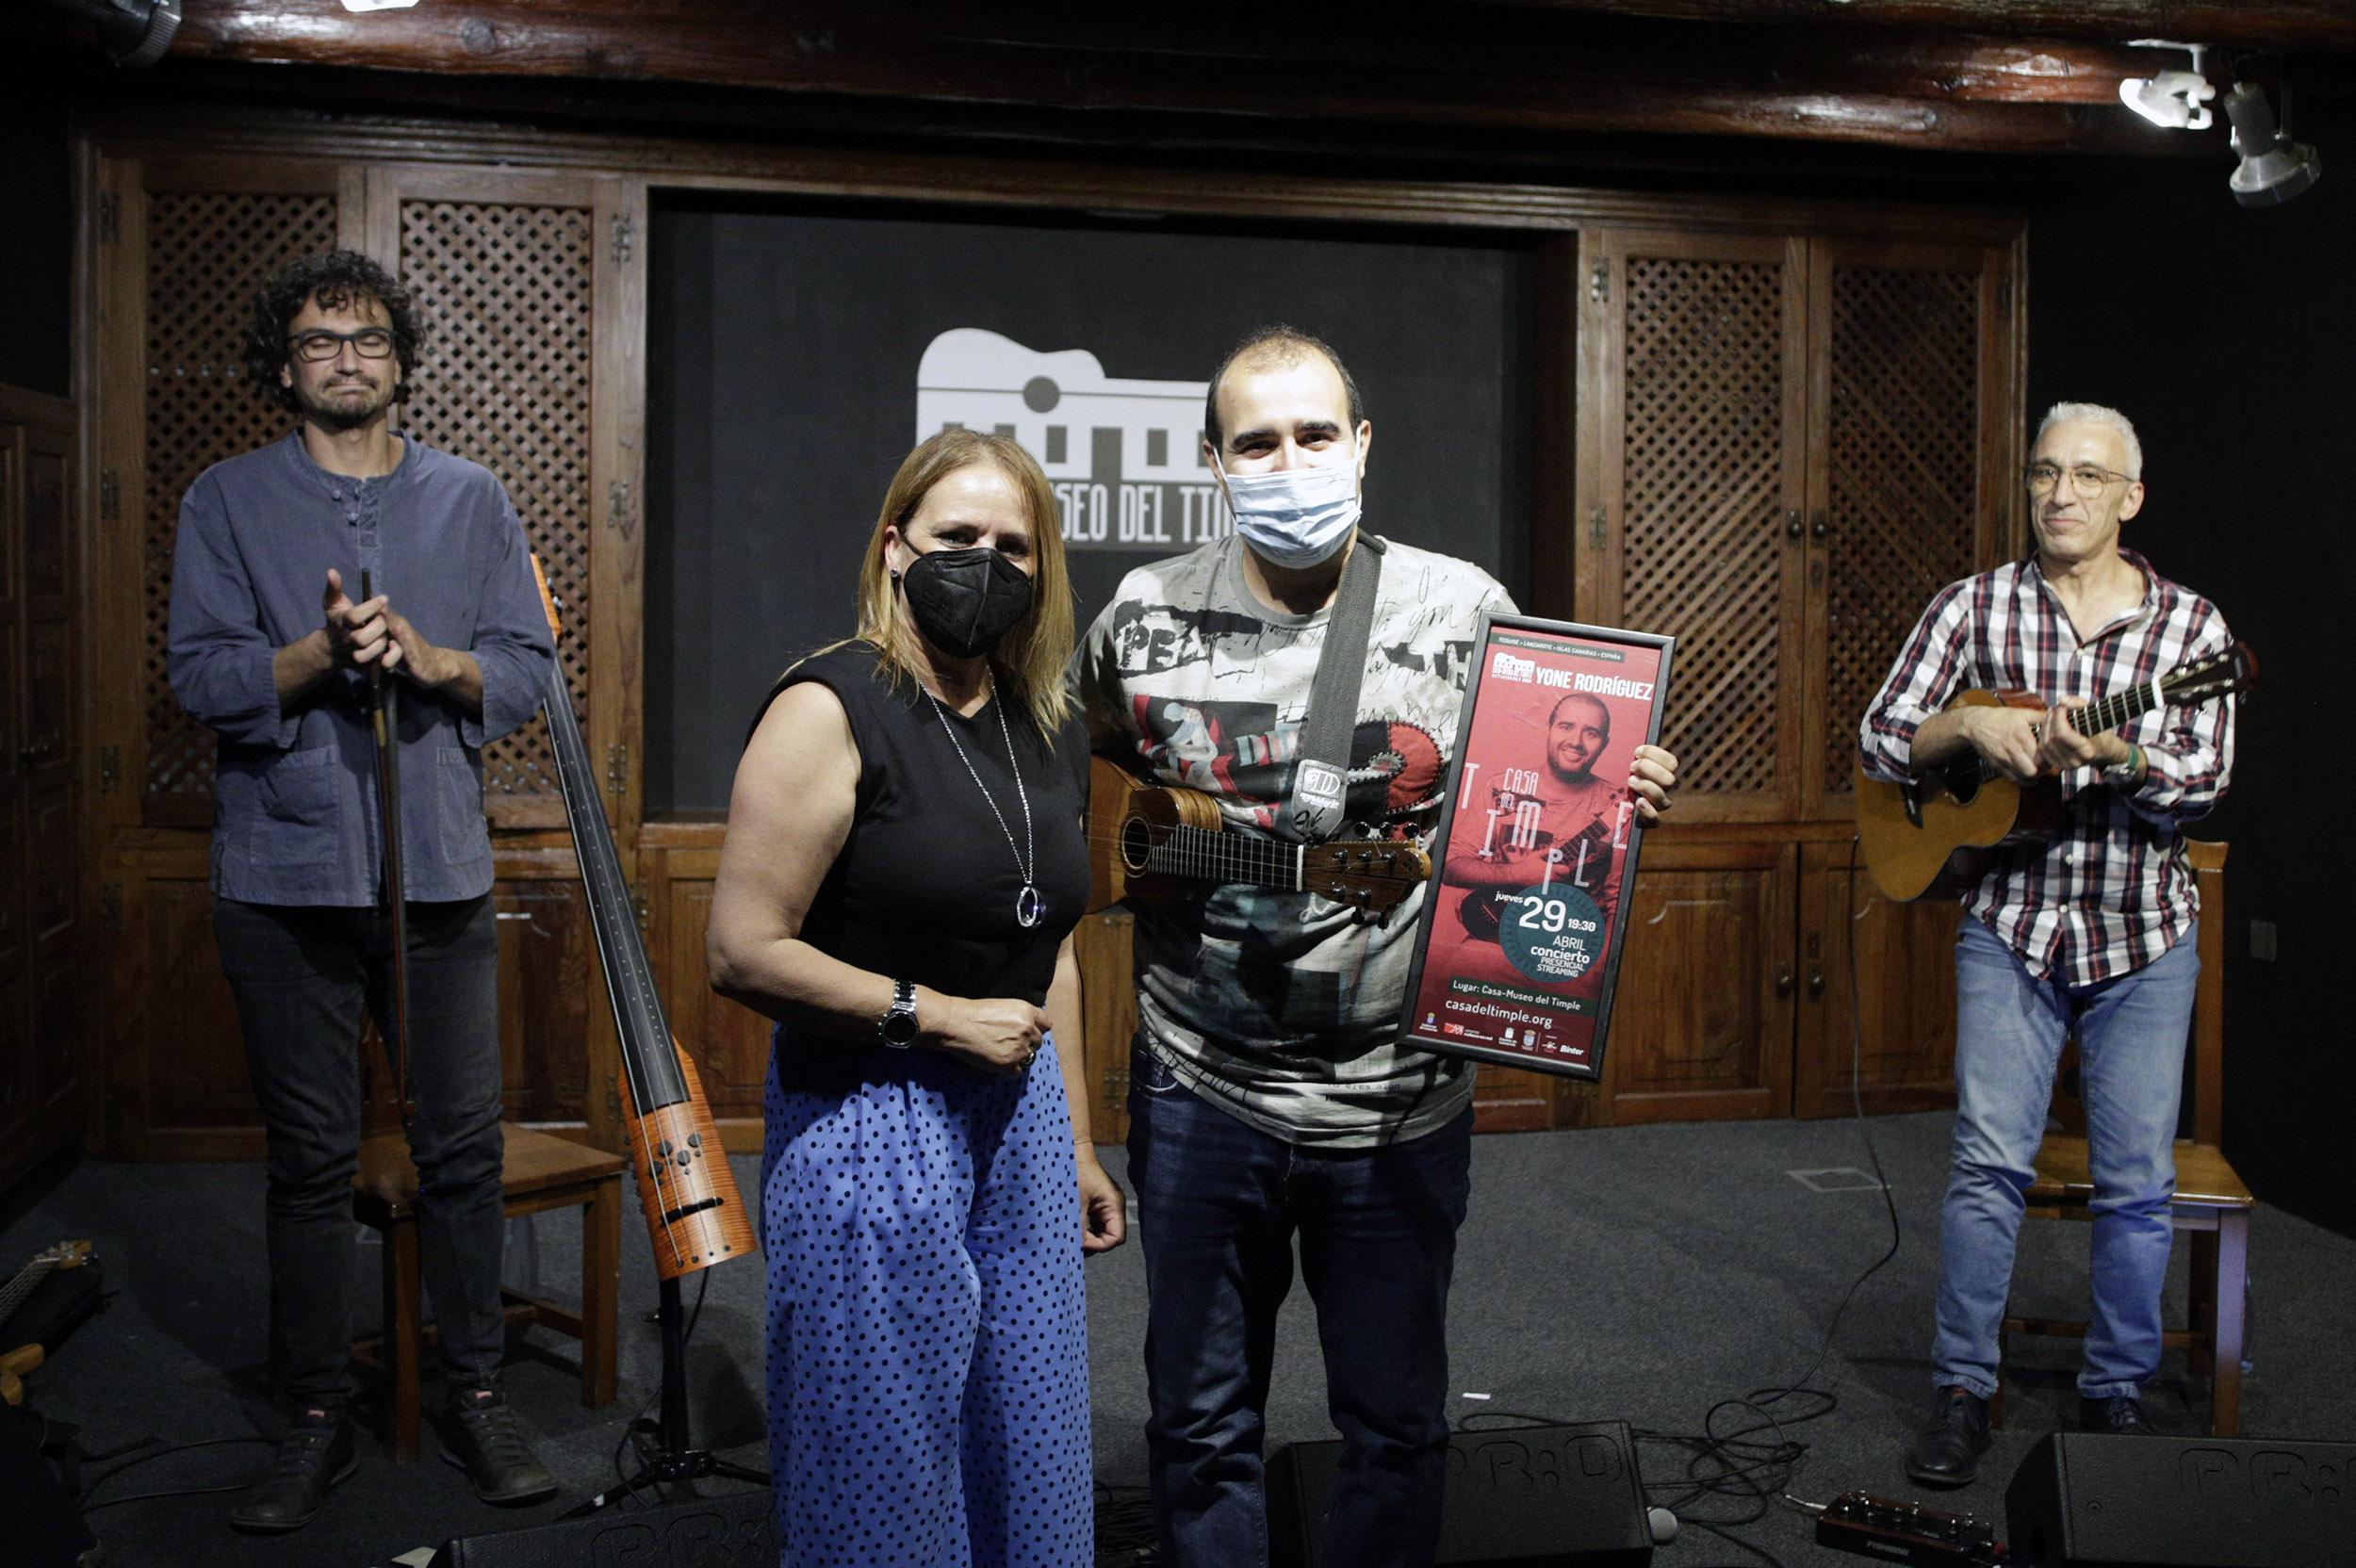 La Sala de Conciertos de la Casa-Museo del Timple acogió el concierto de Yone Rodríguez